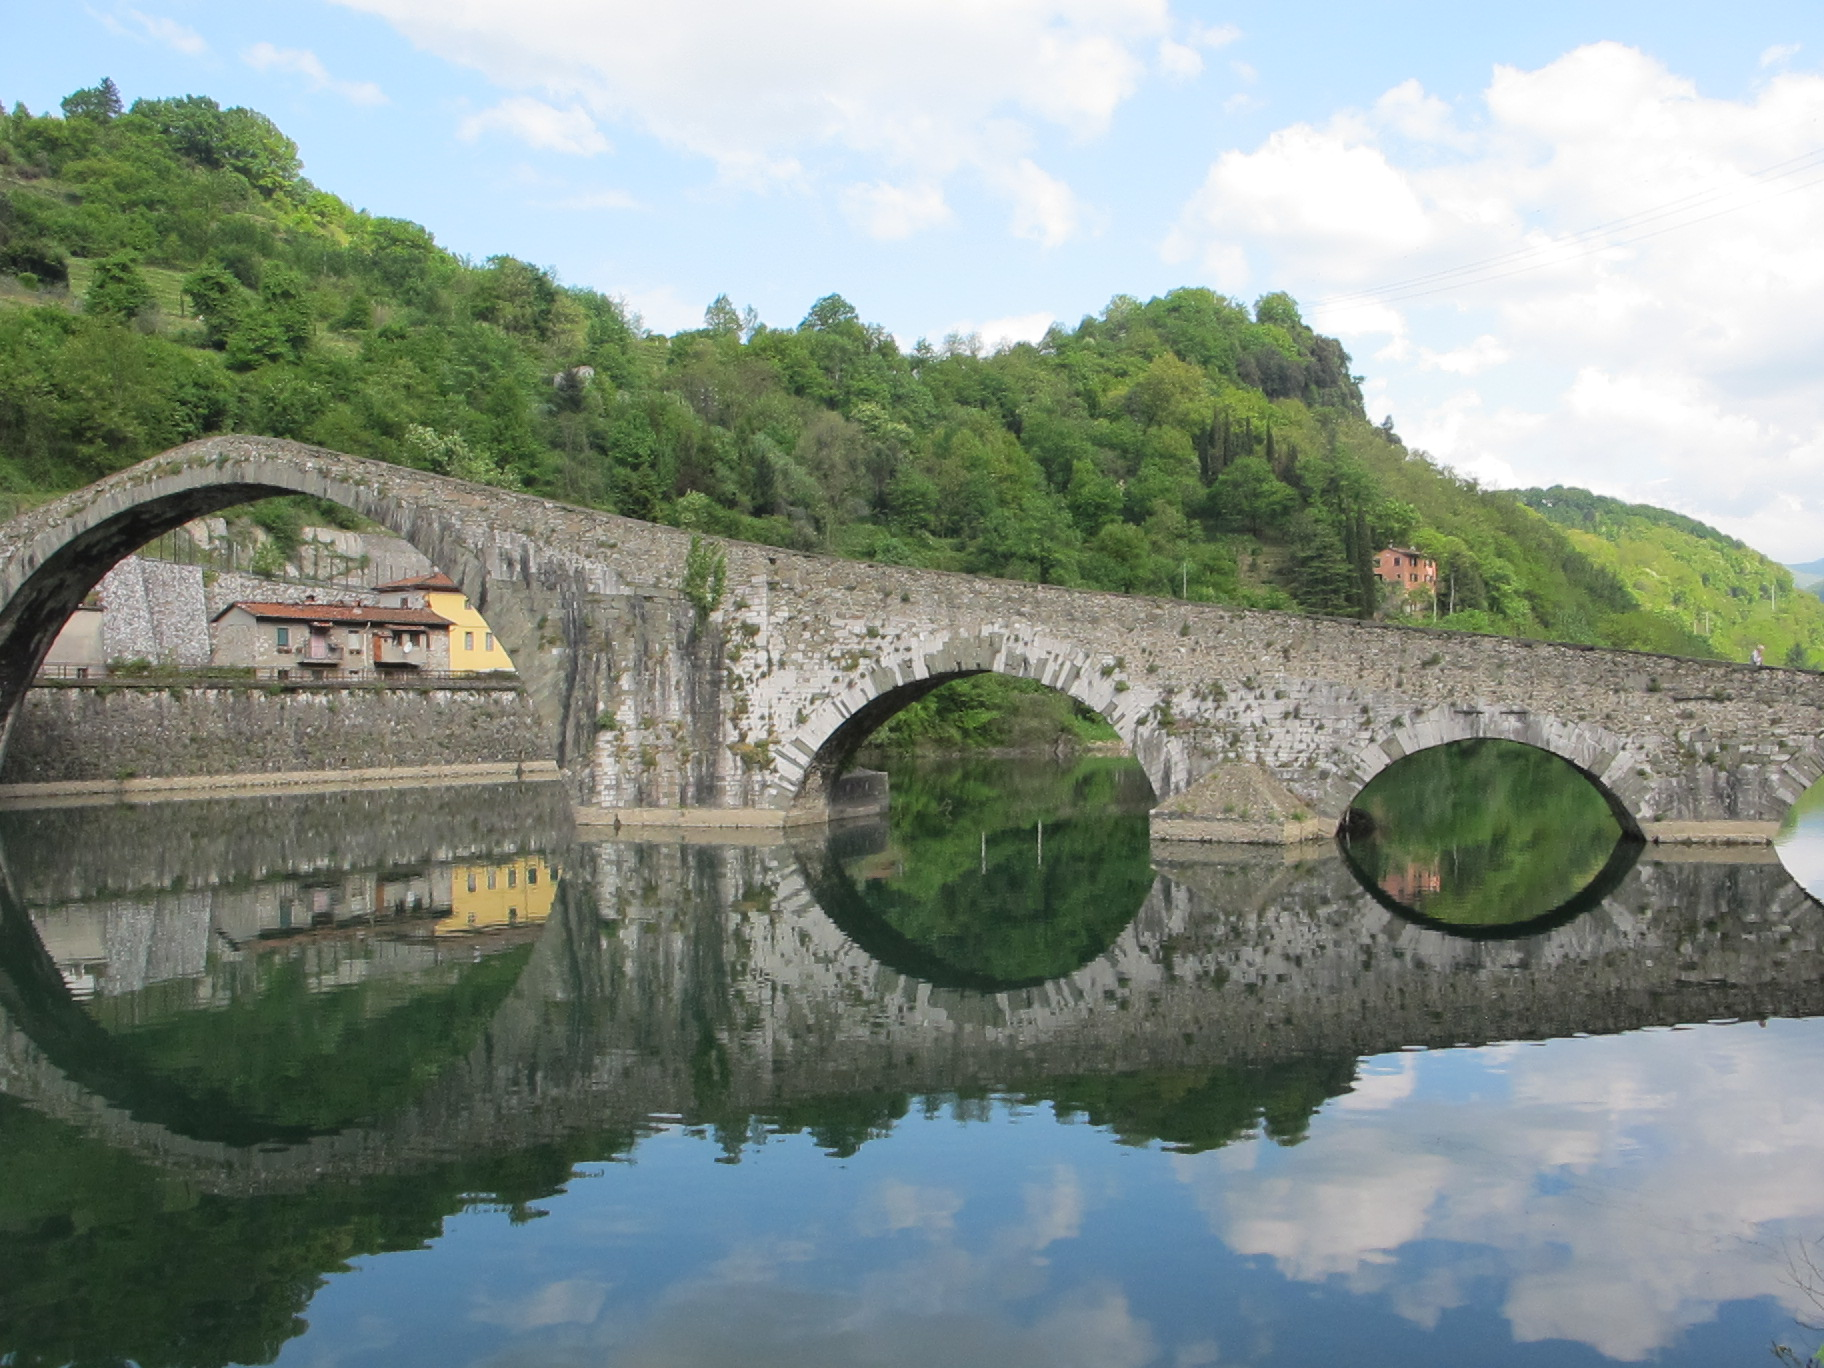 Ponte della maddalena devil s bridge bella bagni di lucca - Bagno di lucca ...